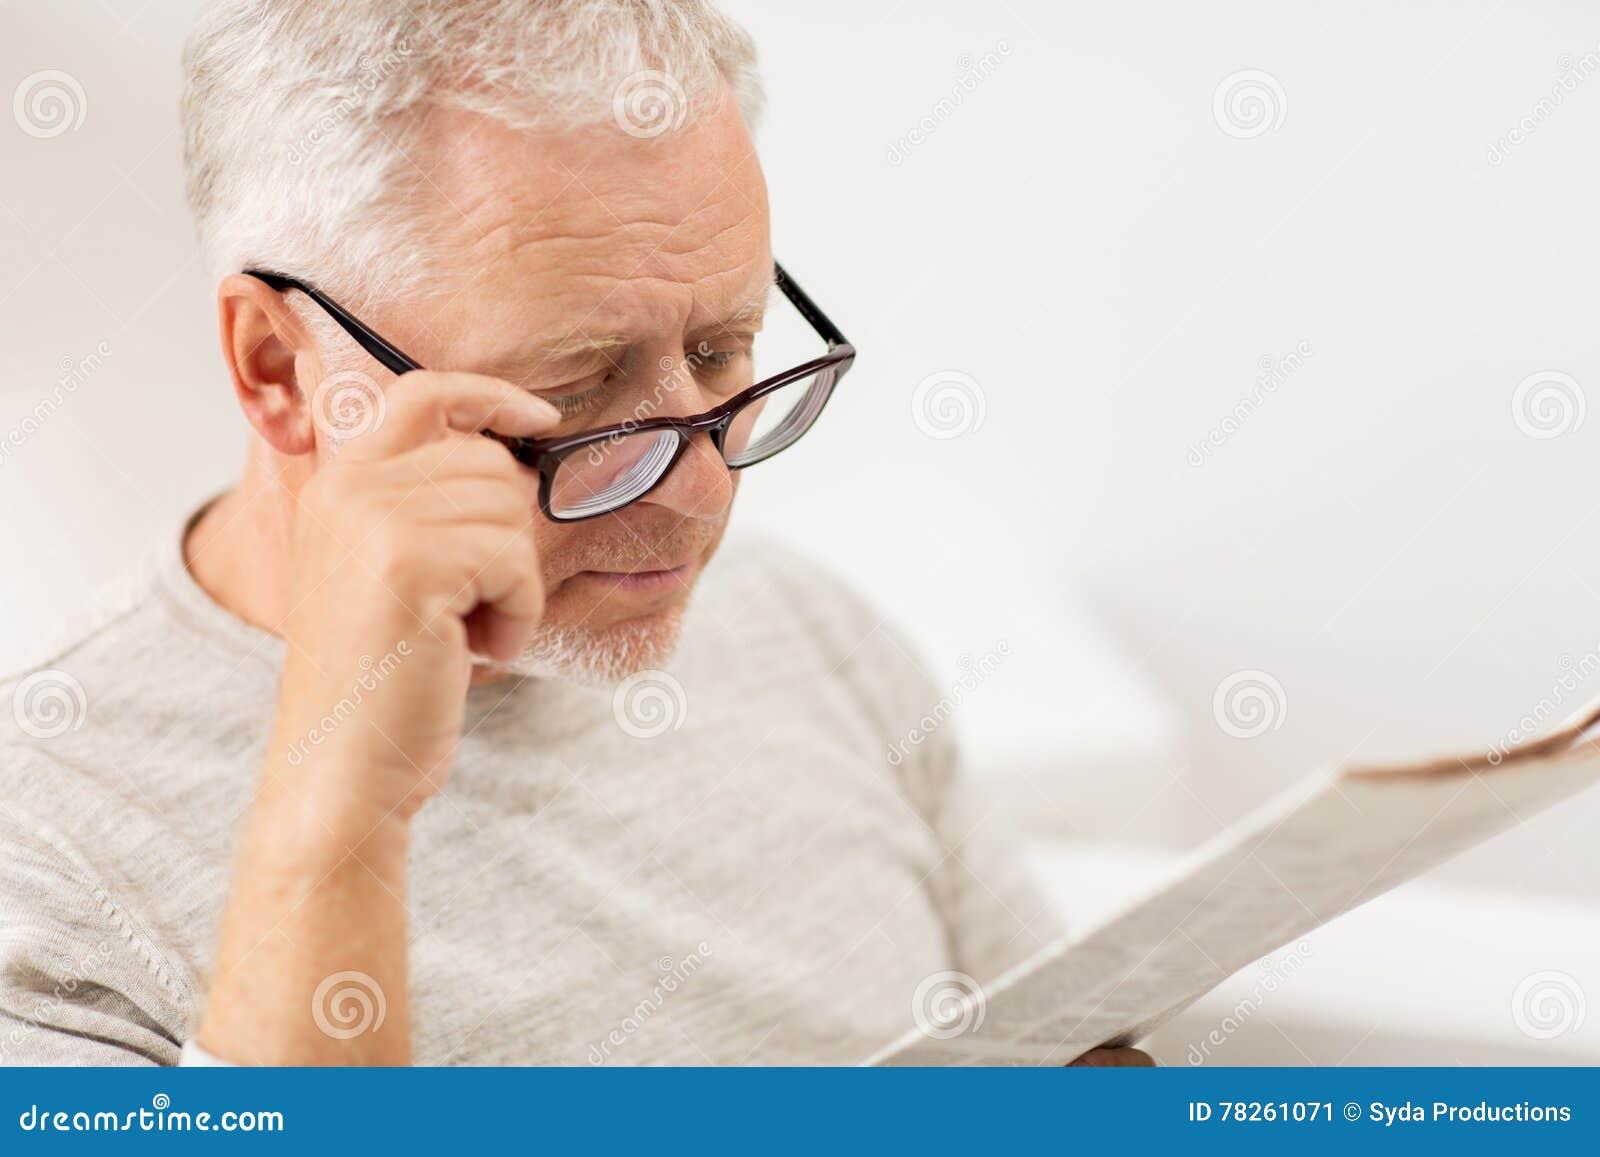 Κλείστε επάνω του ηληκιωμένου στα γυαλιά που διαβάζει την εφημερίδα